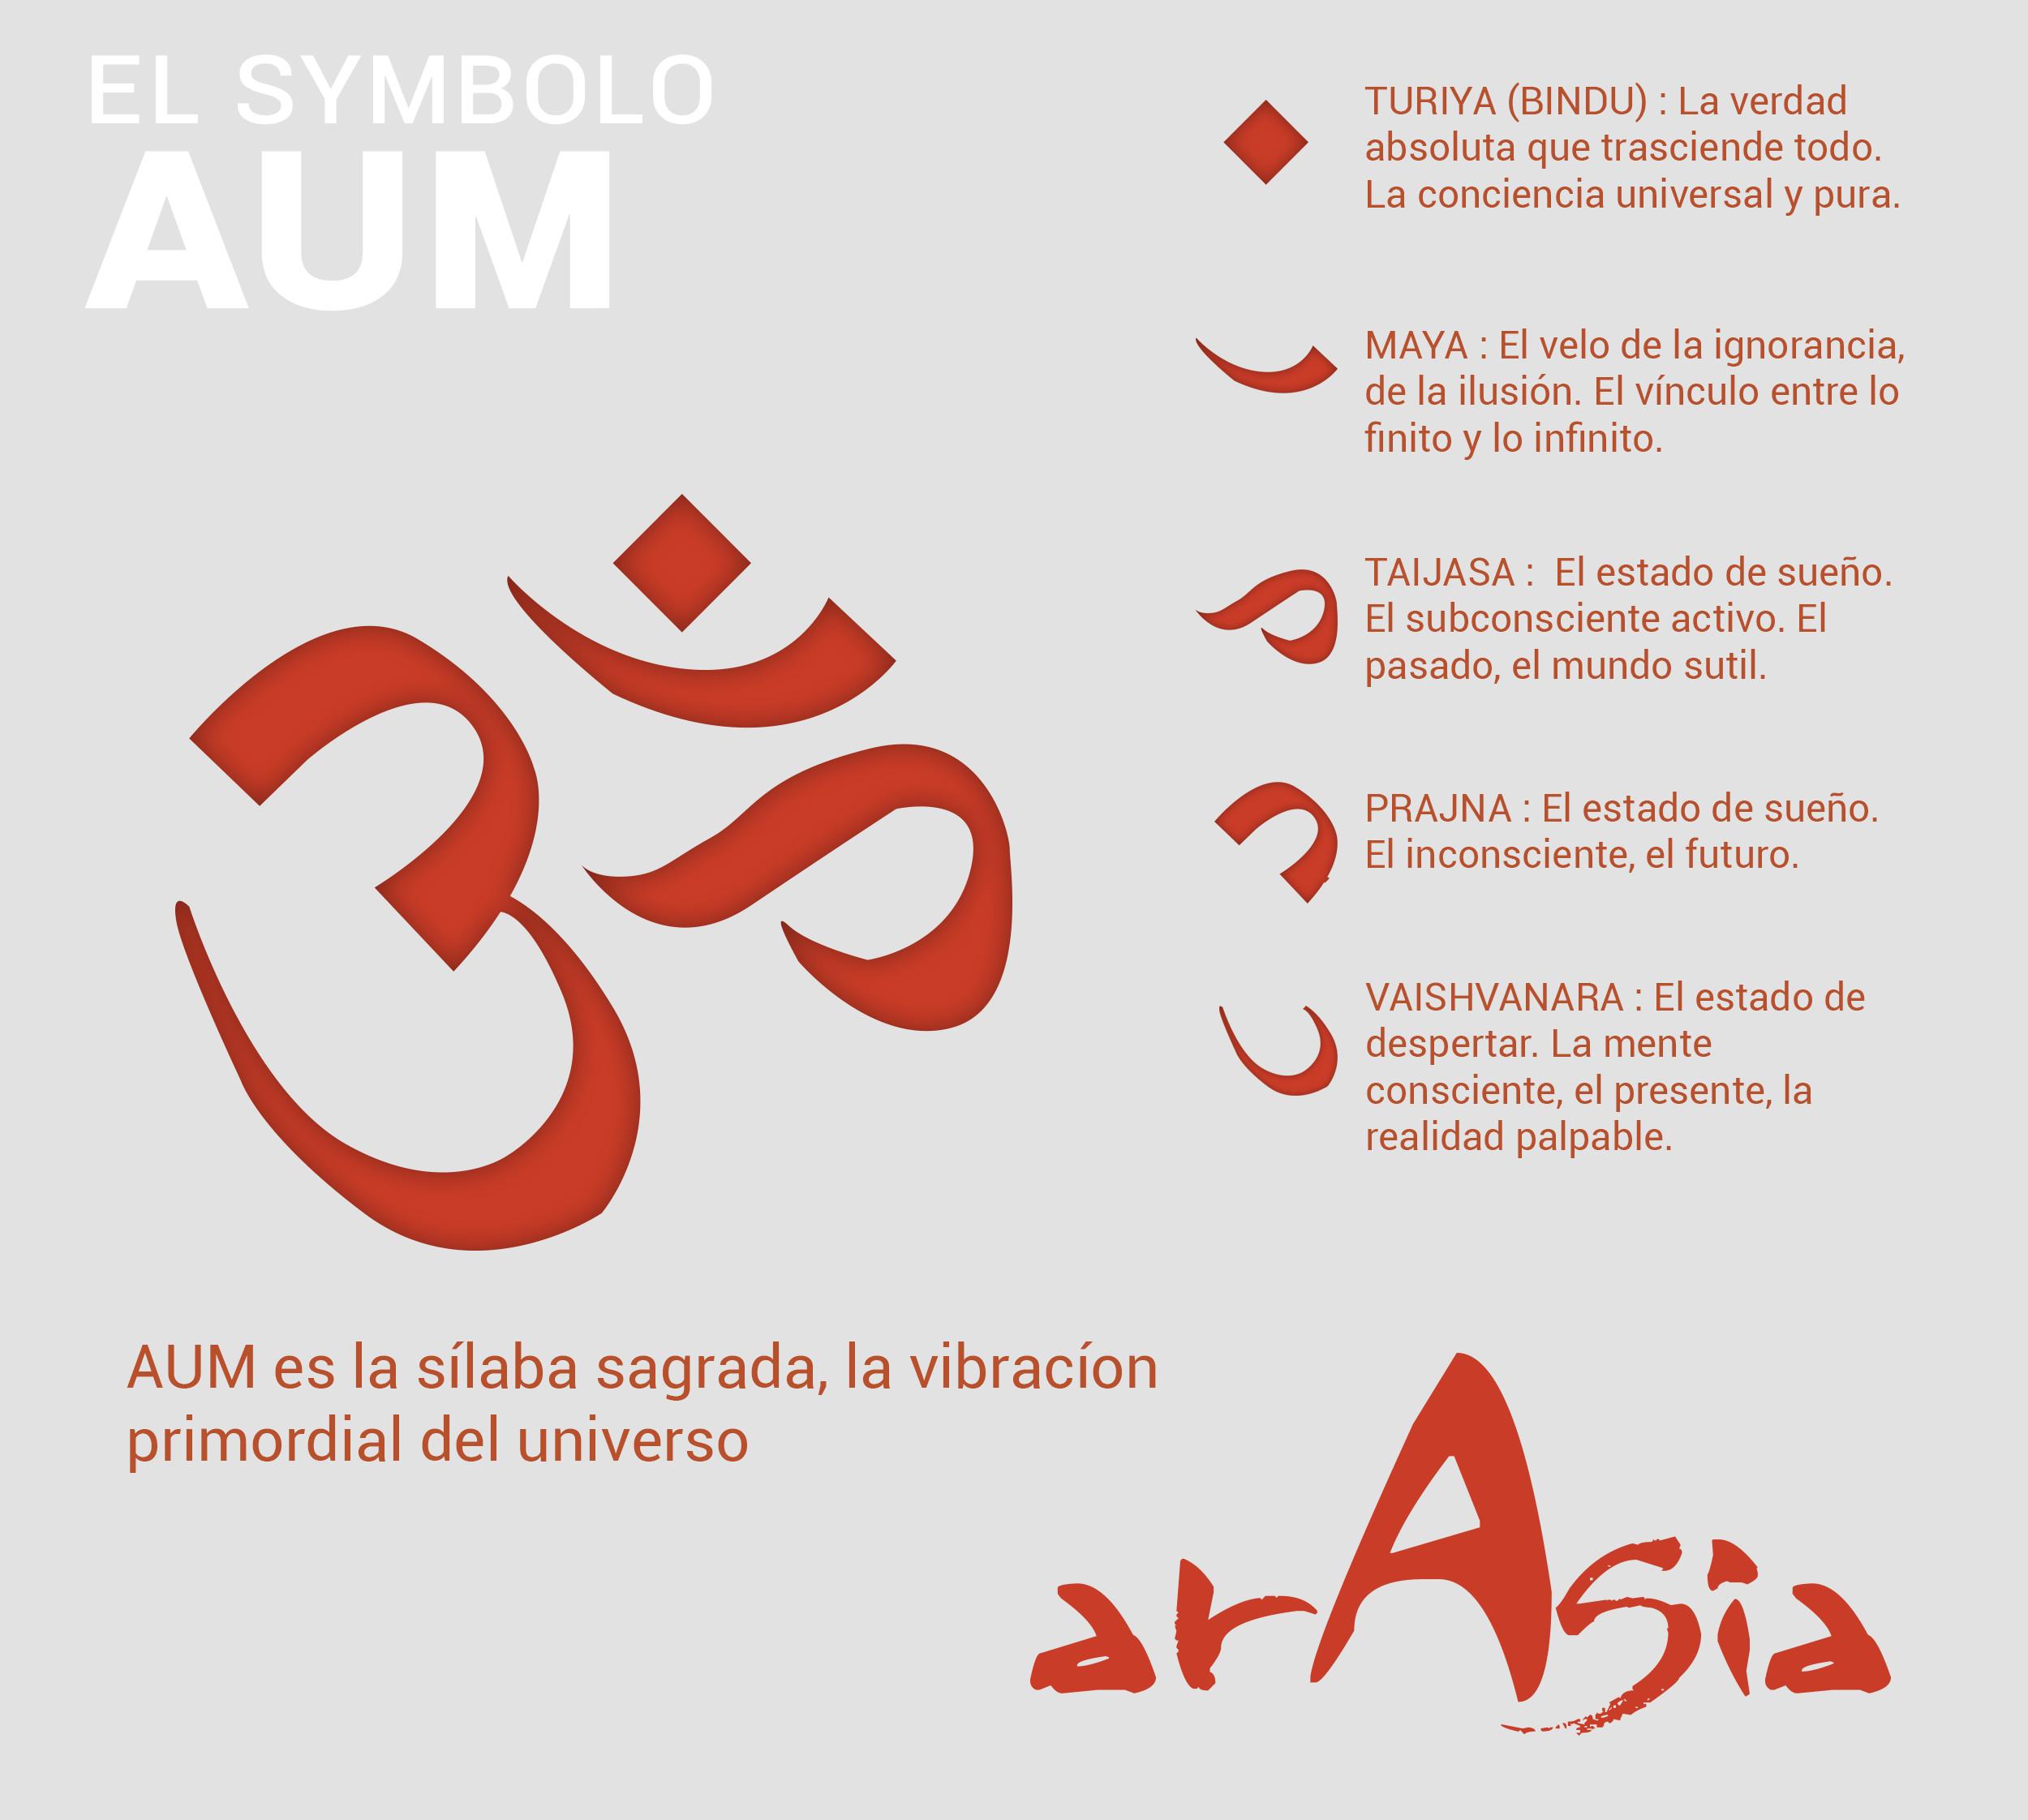 El symbolo Aum